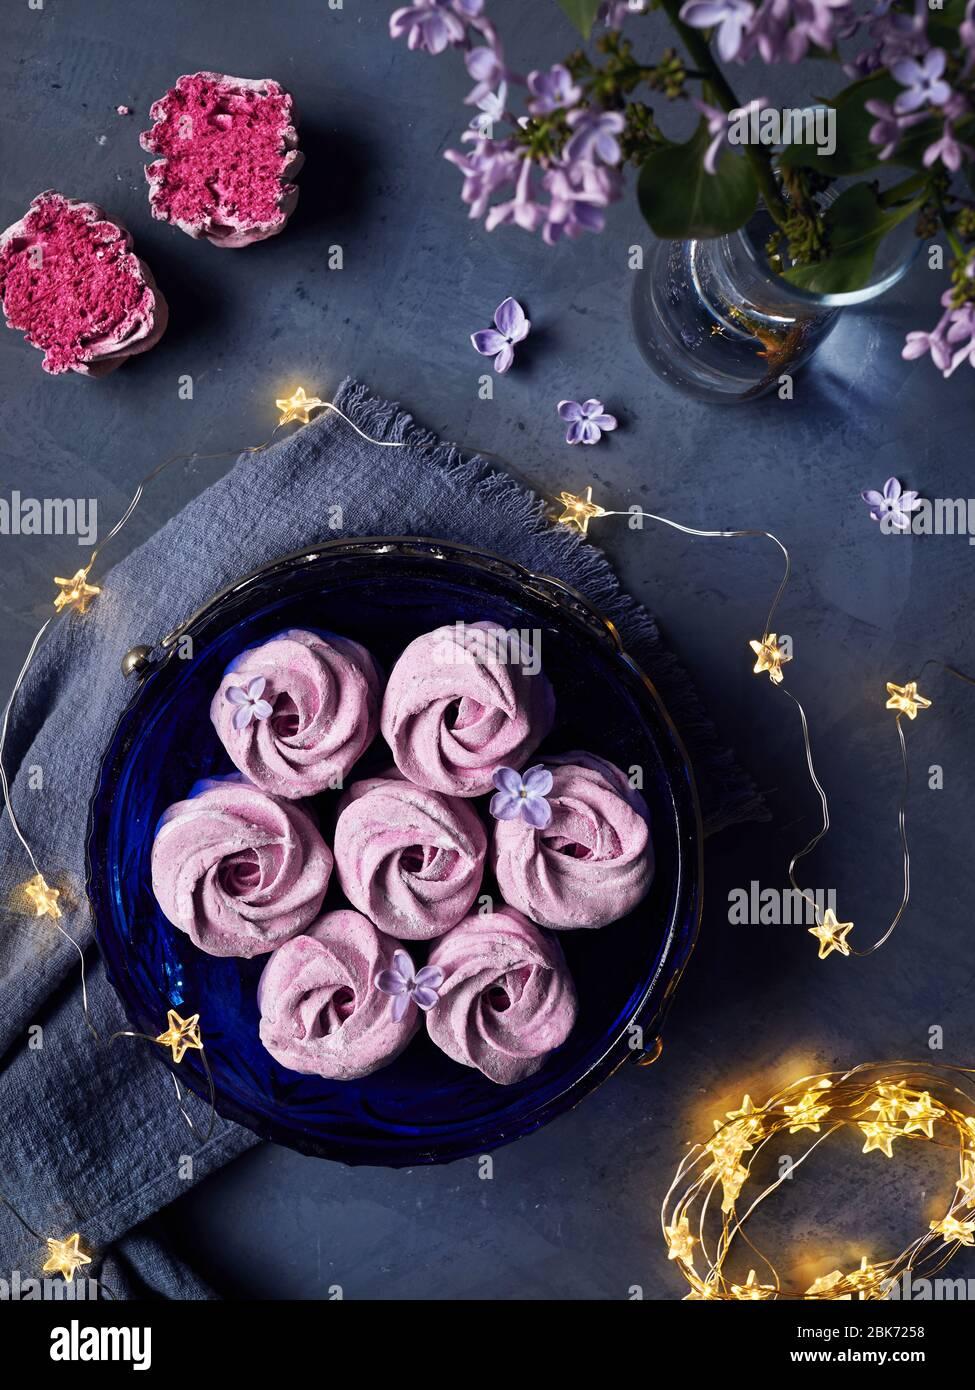 Atmosfera viola dolce fatto in casa Zephyr o Marshmallow da ribes nero vicino ai fiori lilla e magiche stelle luci su sfondo scuro vista dall'alto Foto Stock